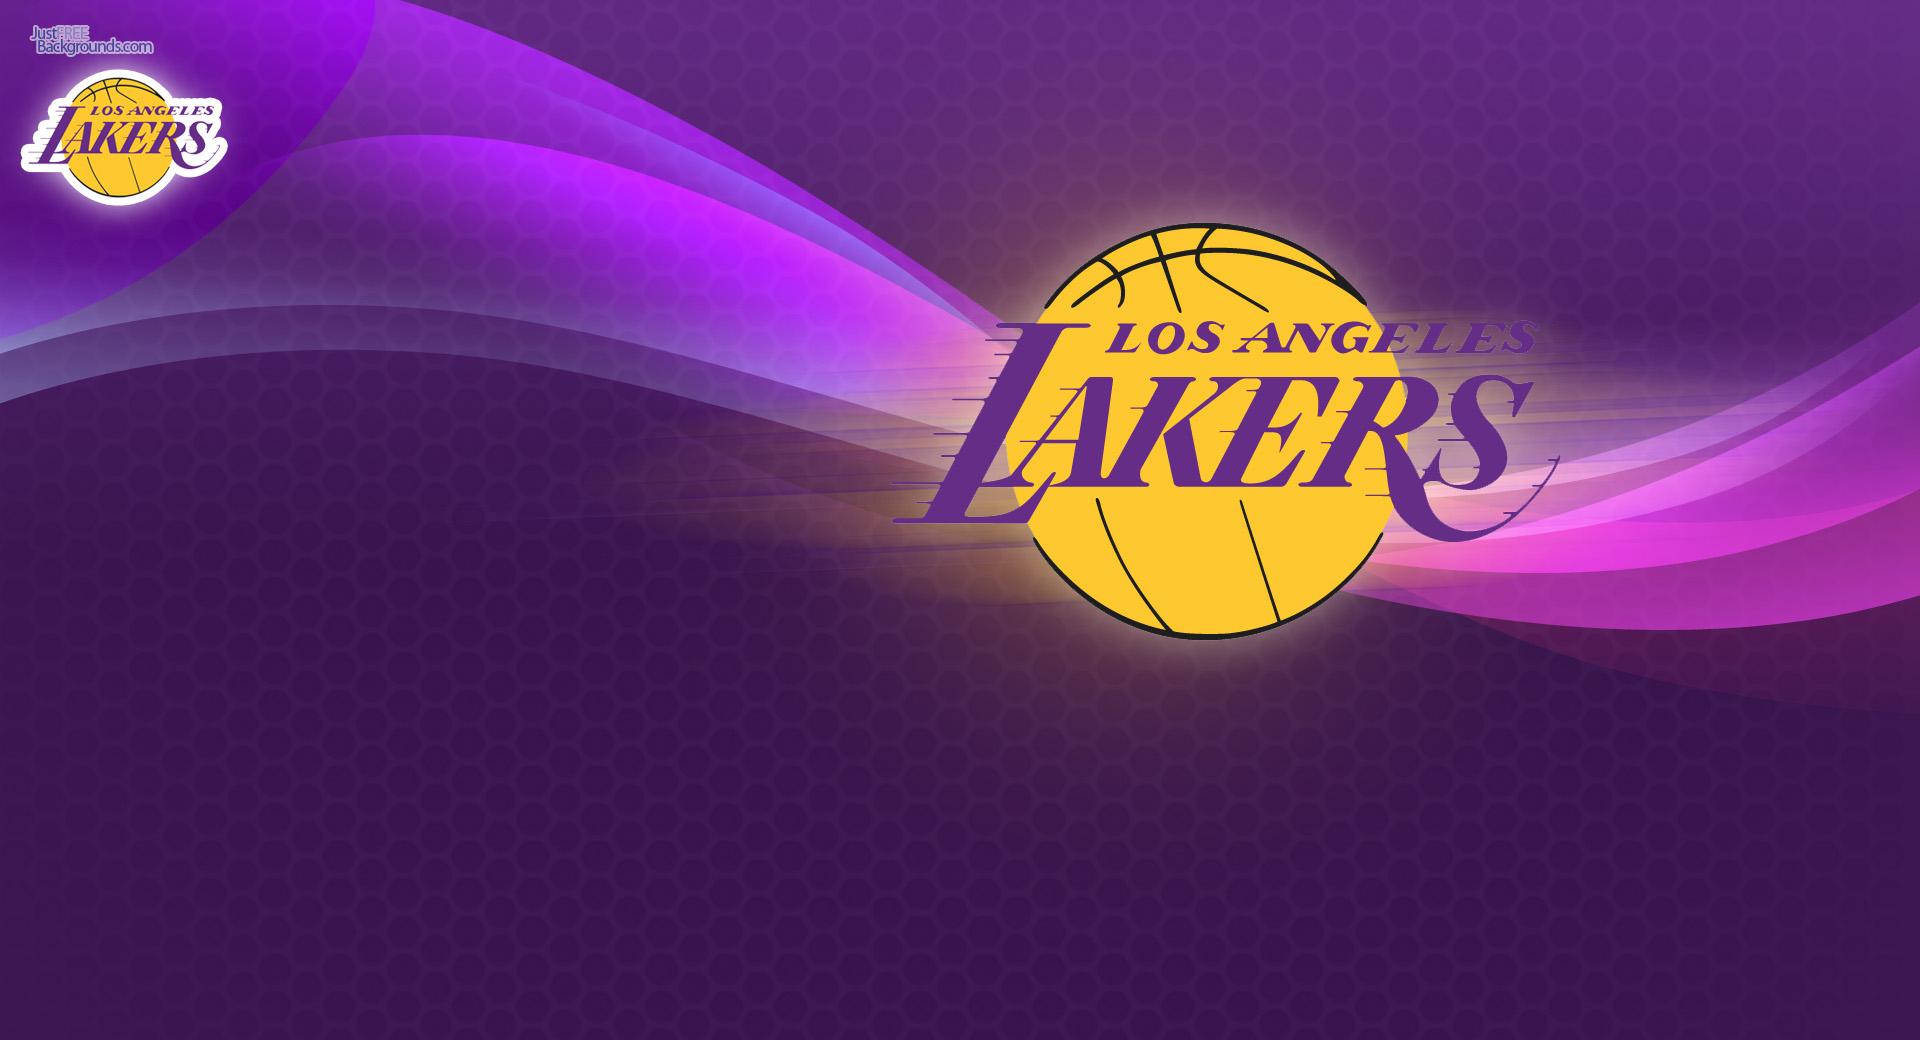 39 Lakers Logo Wallpaper On Wallpapersafari